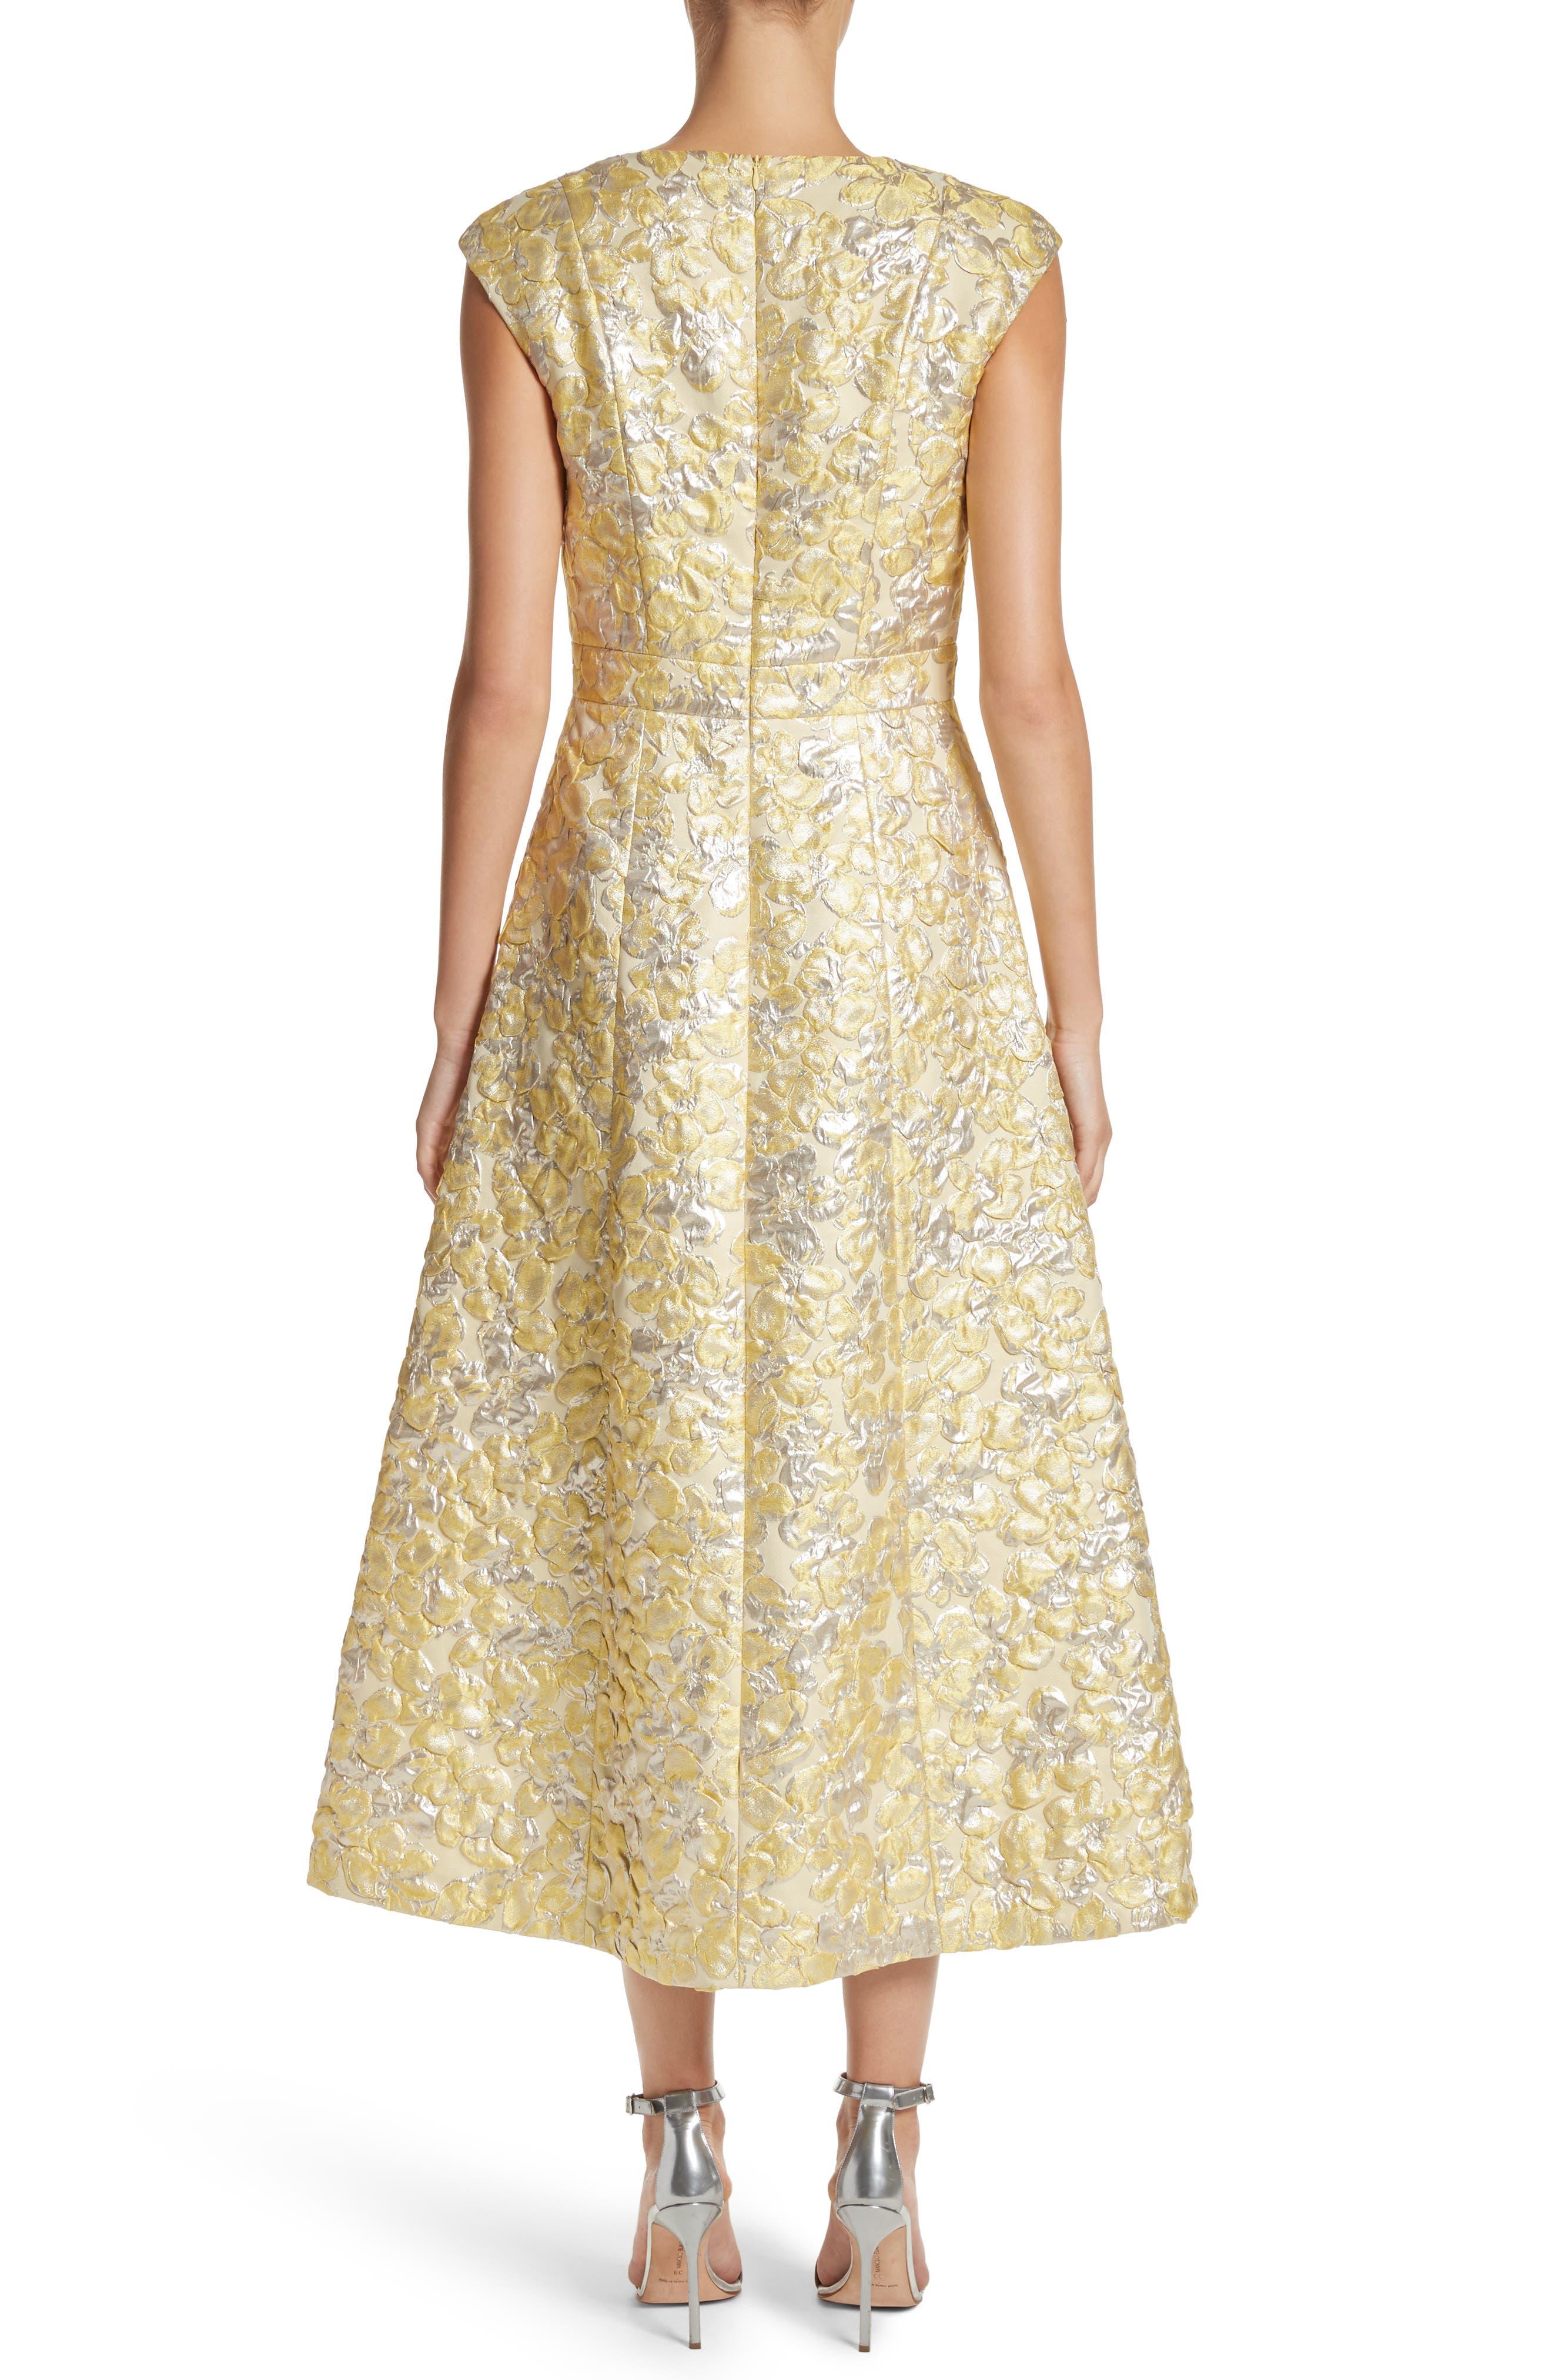 Metallic Floral Jacquard Dress,                             Alternate thumbnail 2, color,                             Lemon Multi